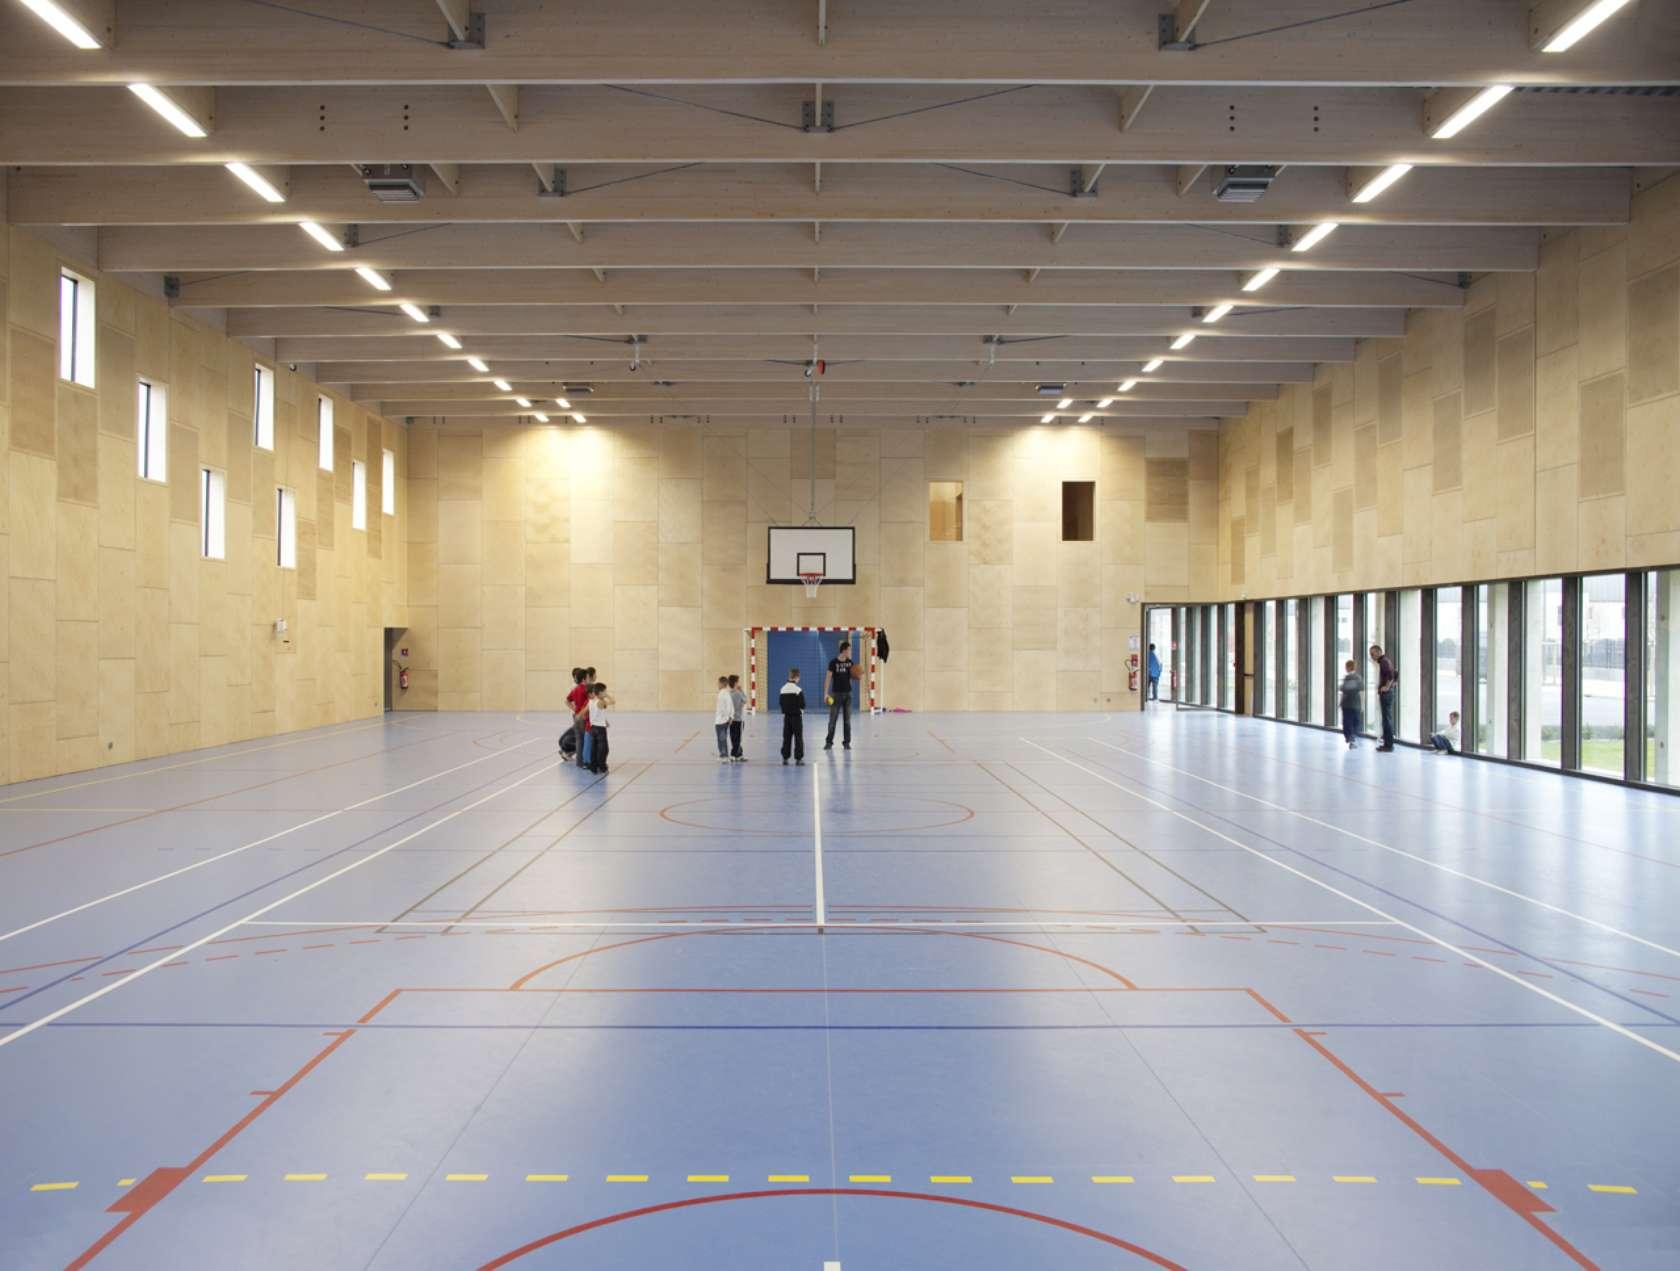 calais salle de sport architizer